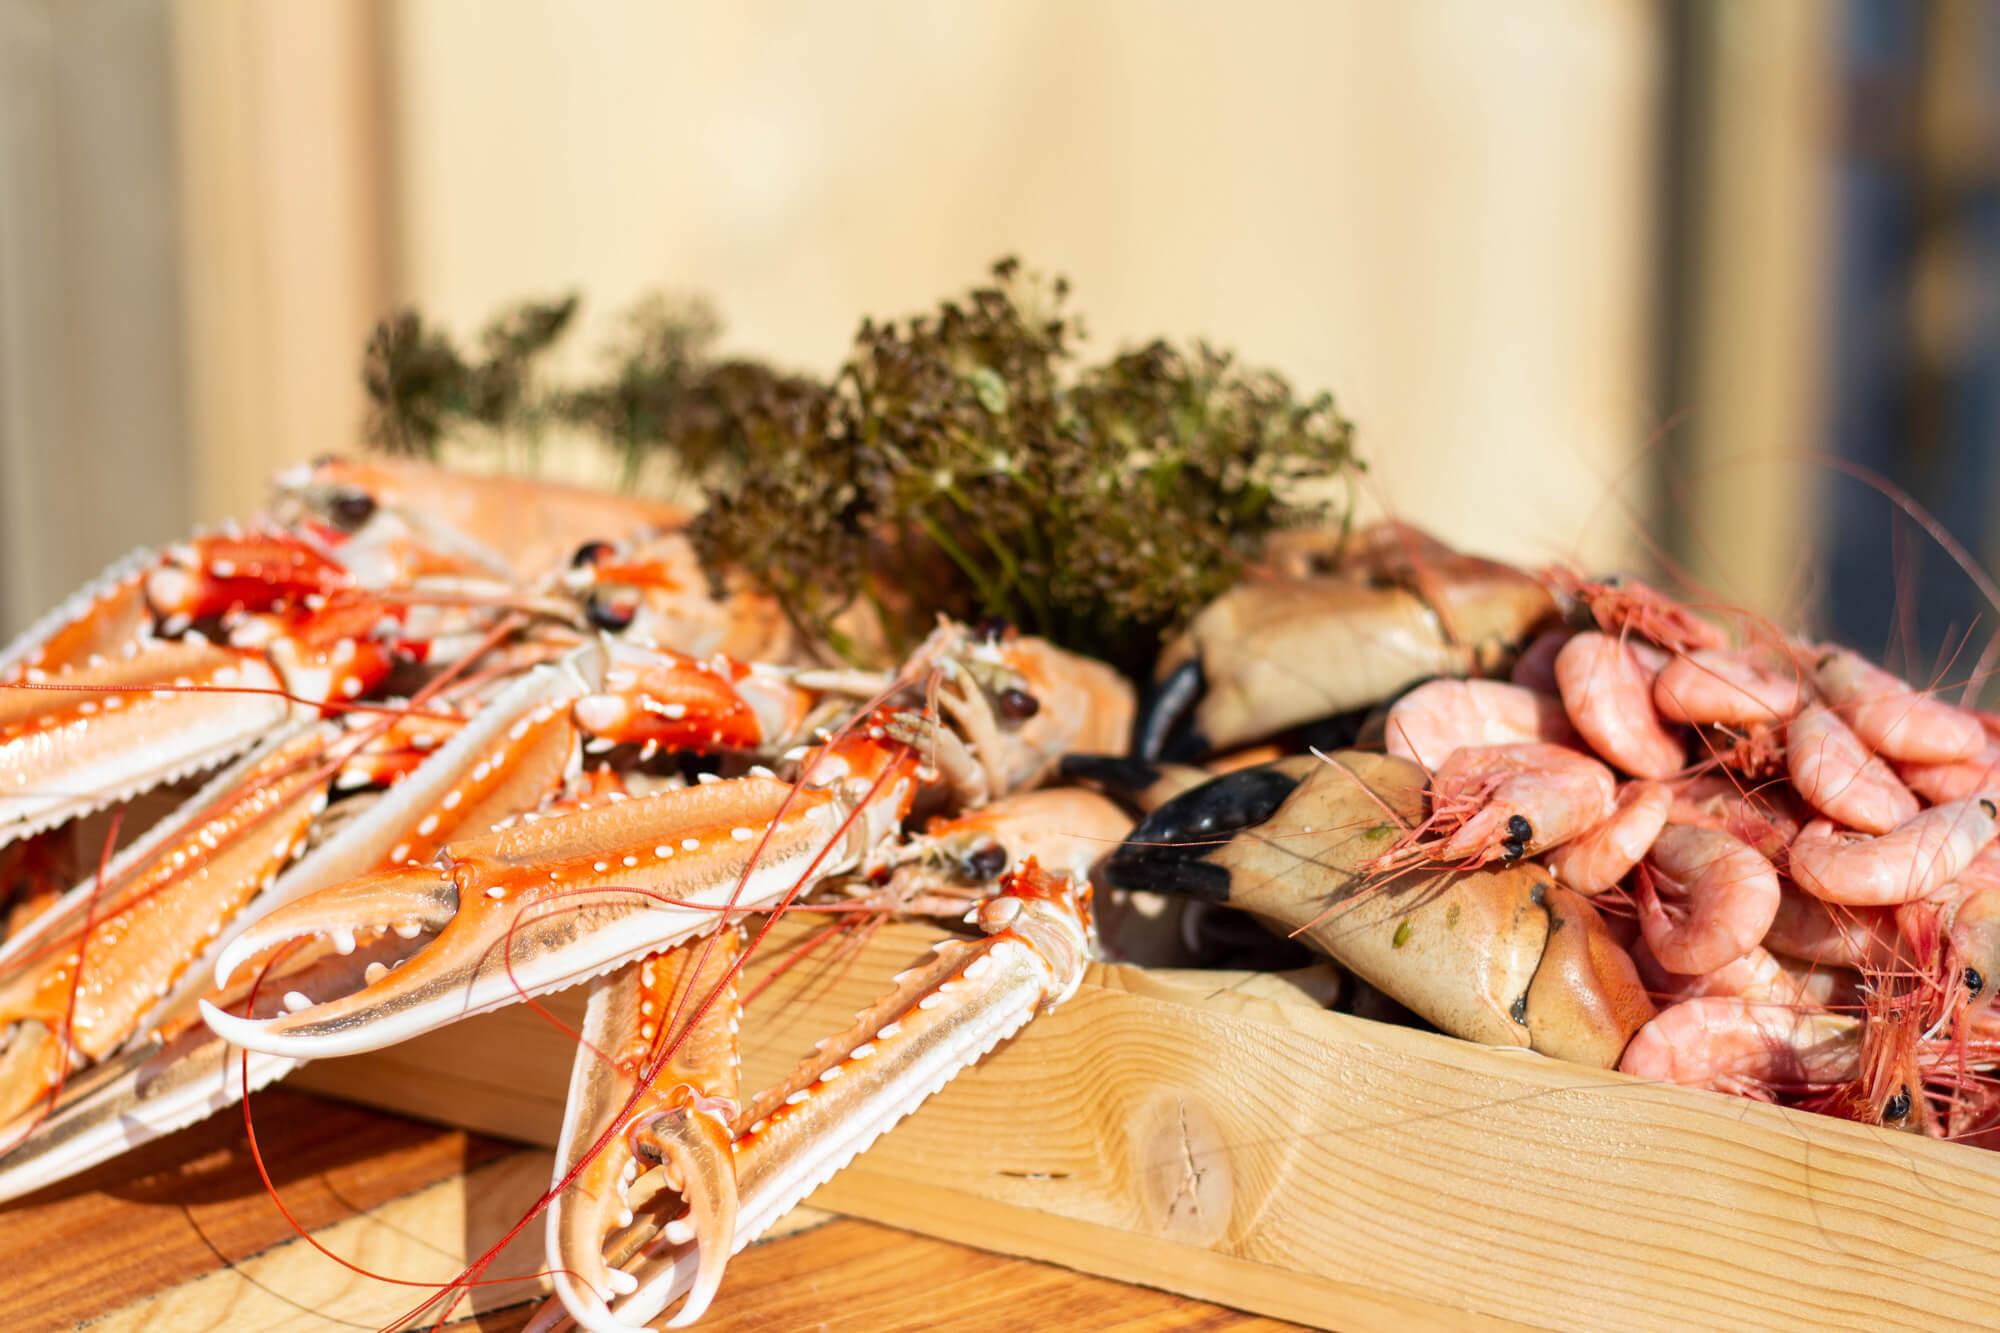 skaldjurspaket-meny